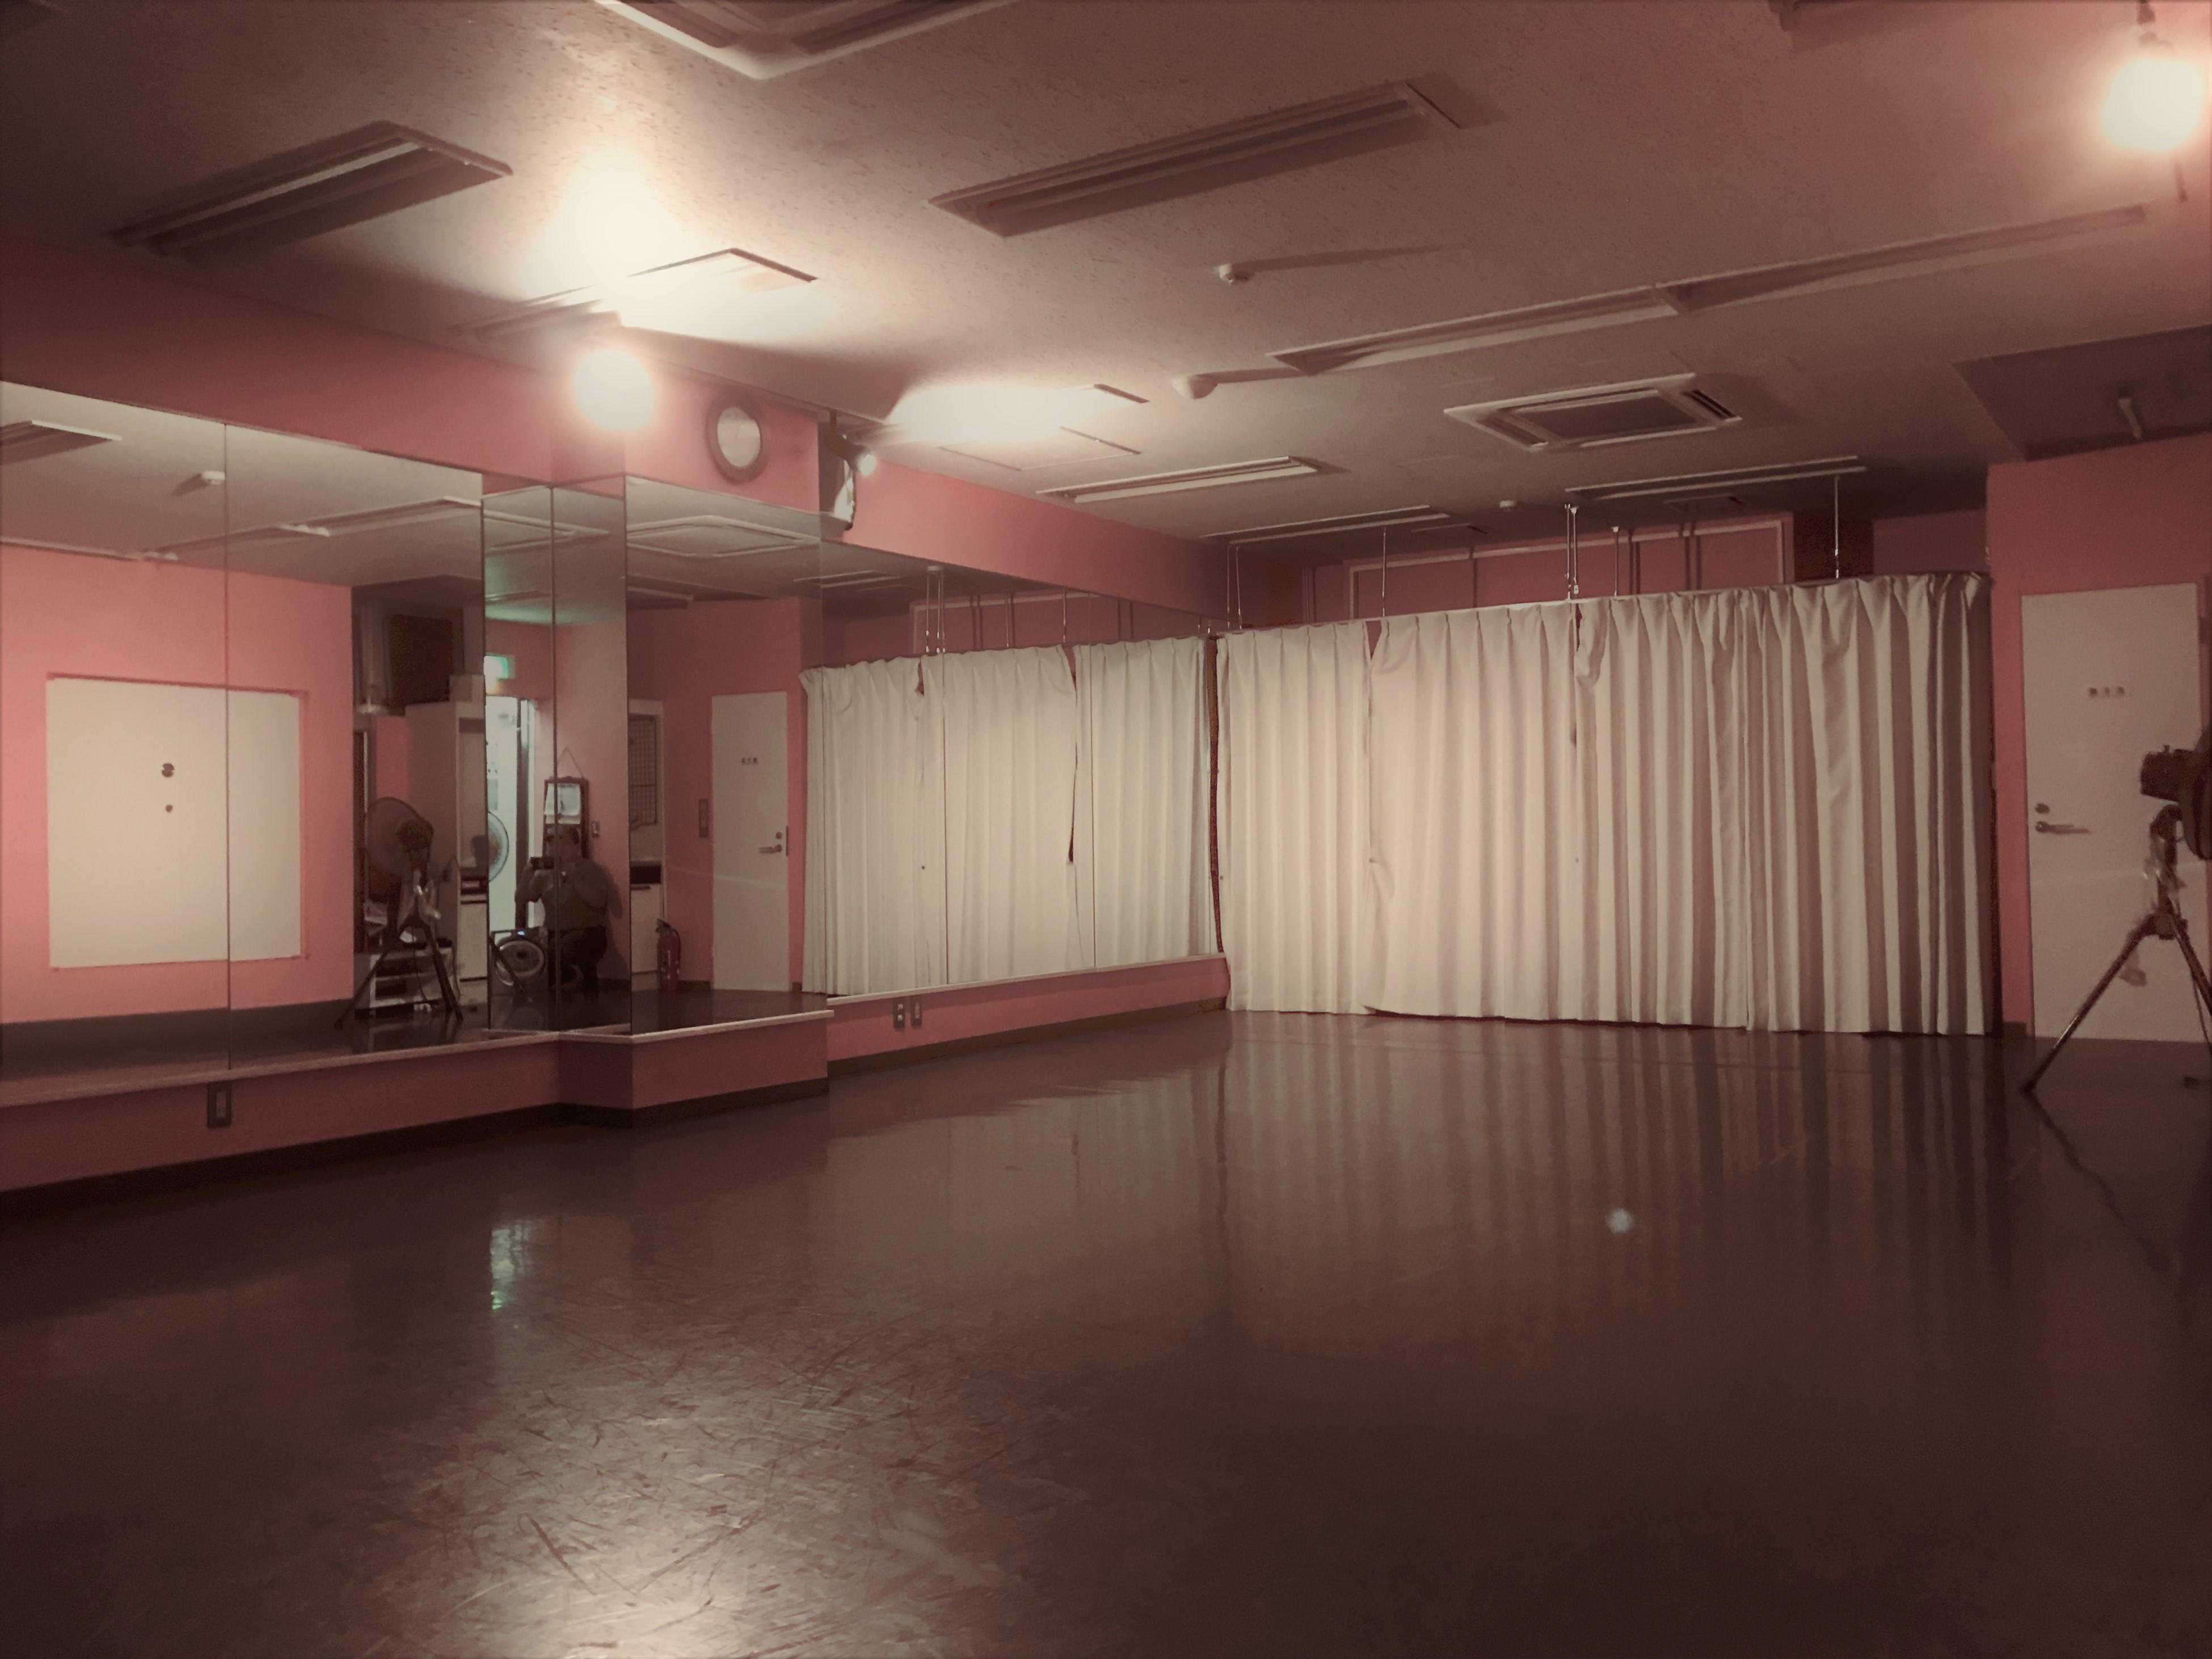 千代田区 秋葉原の貸しレンタルダンススタジオ ブルーハススタジオ 調光